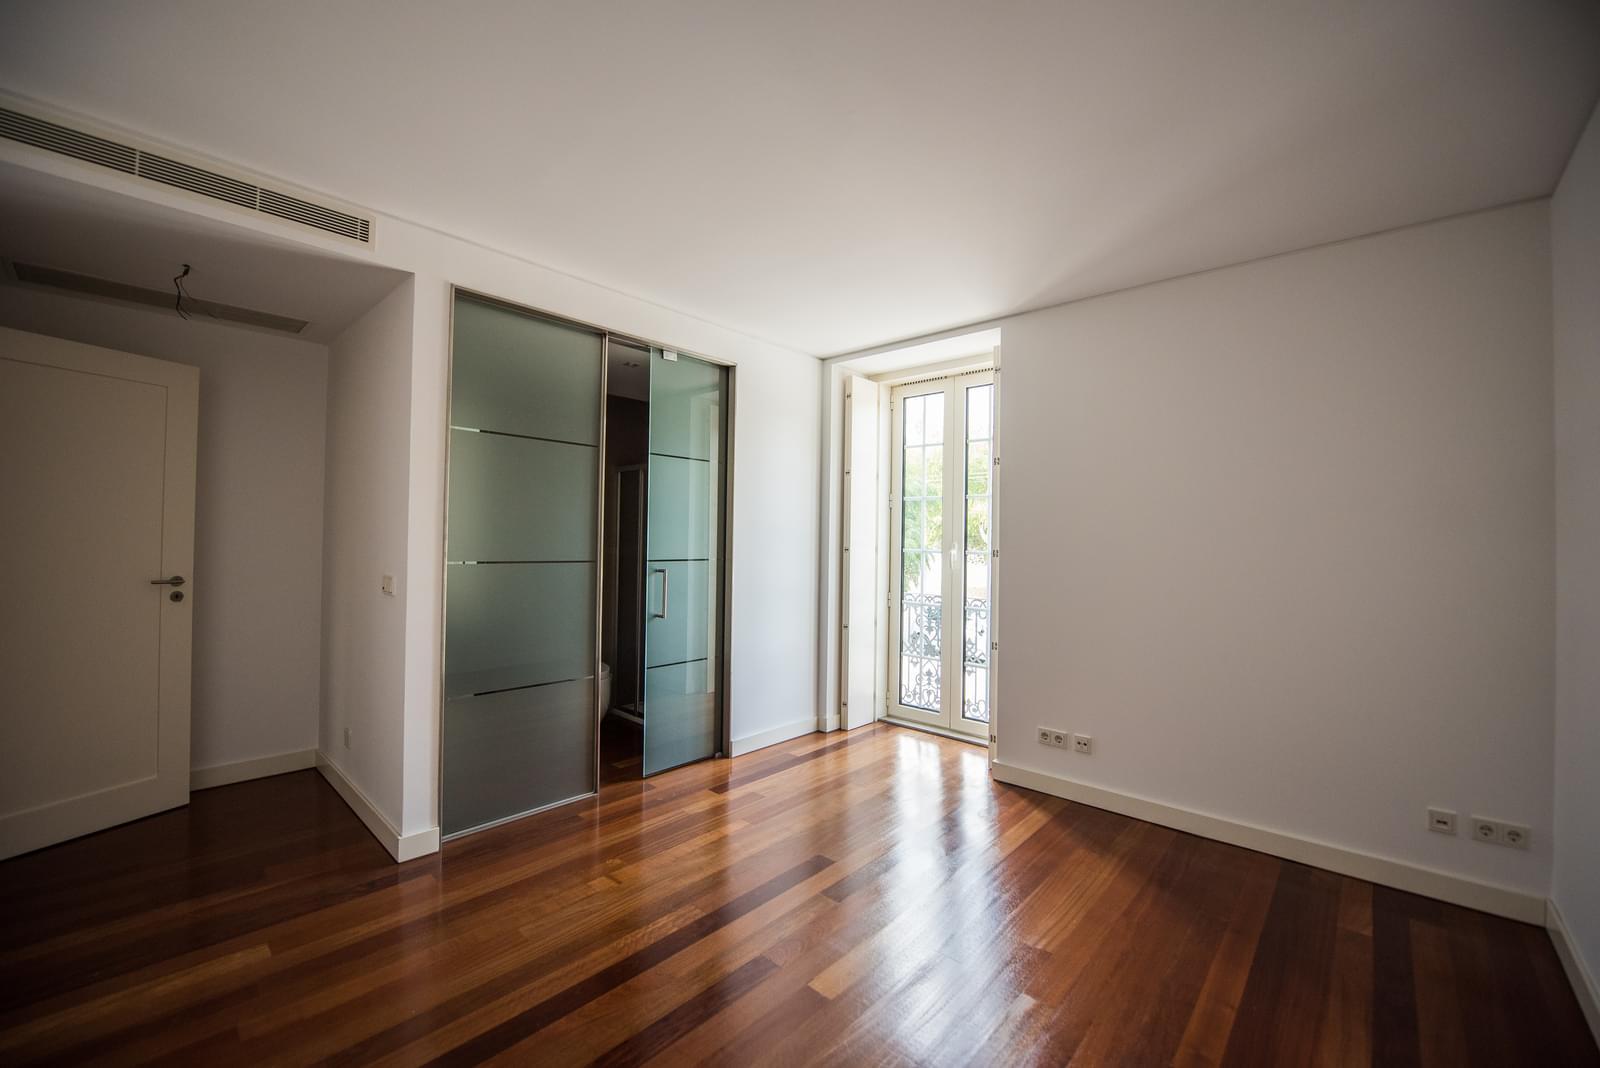 pf19211-apartamento-t4-lisboa-810b18c7-d29a-4716-8088-df174fe847c2